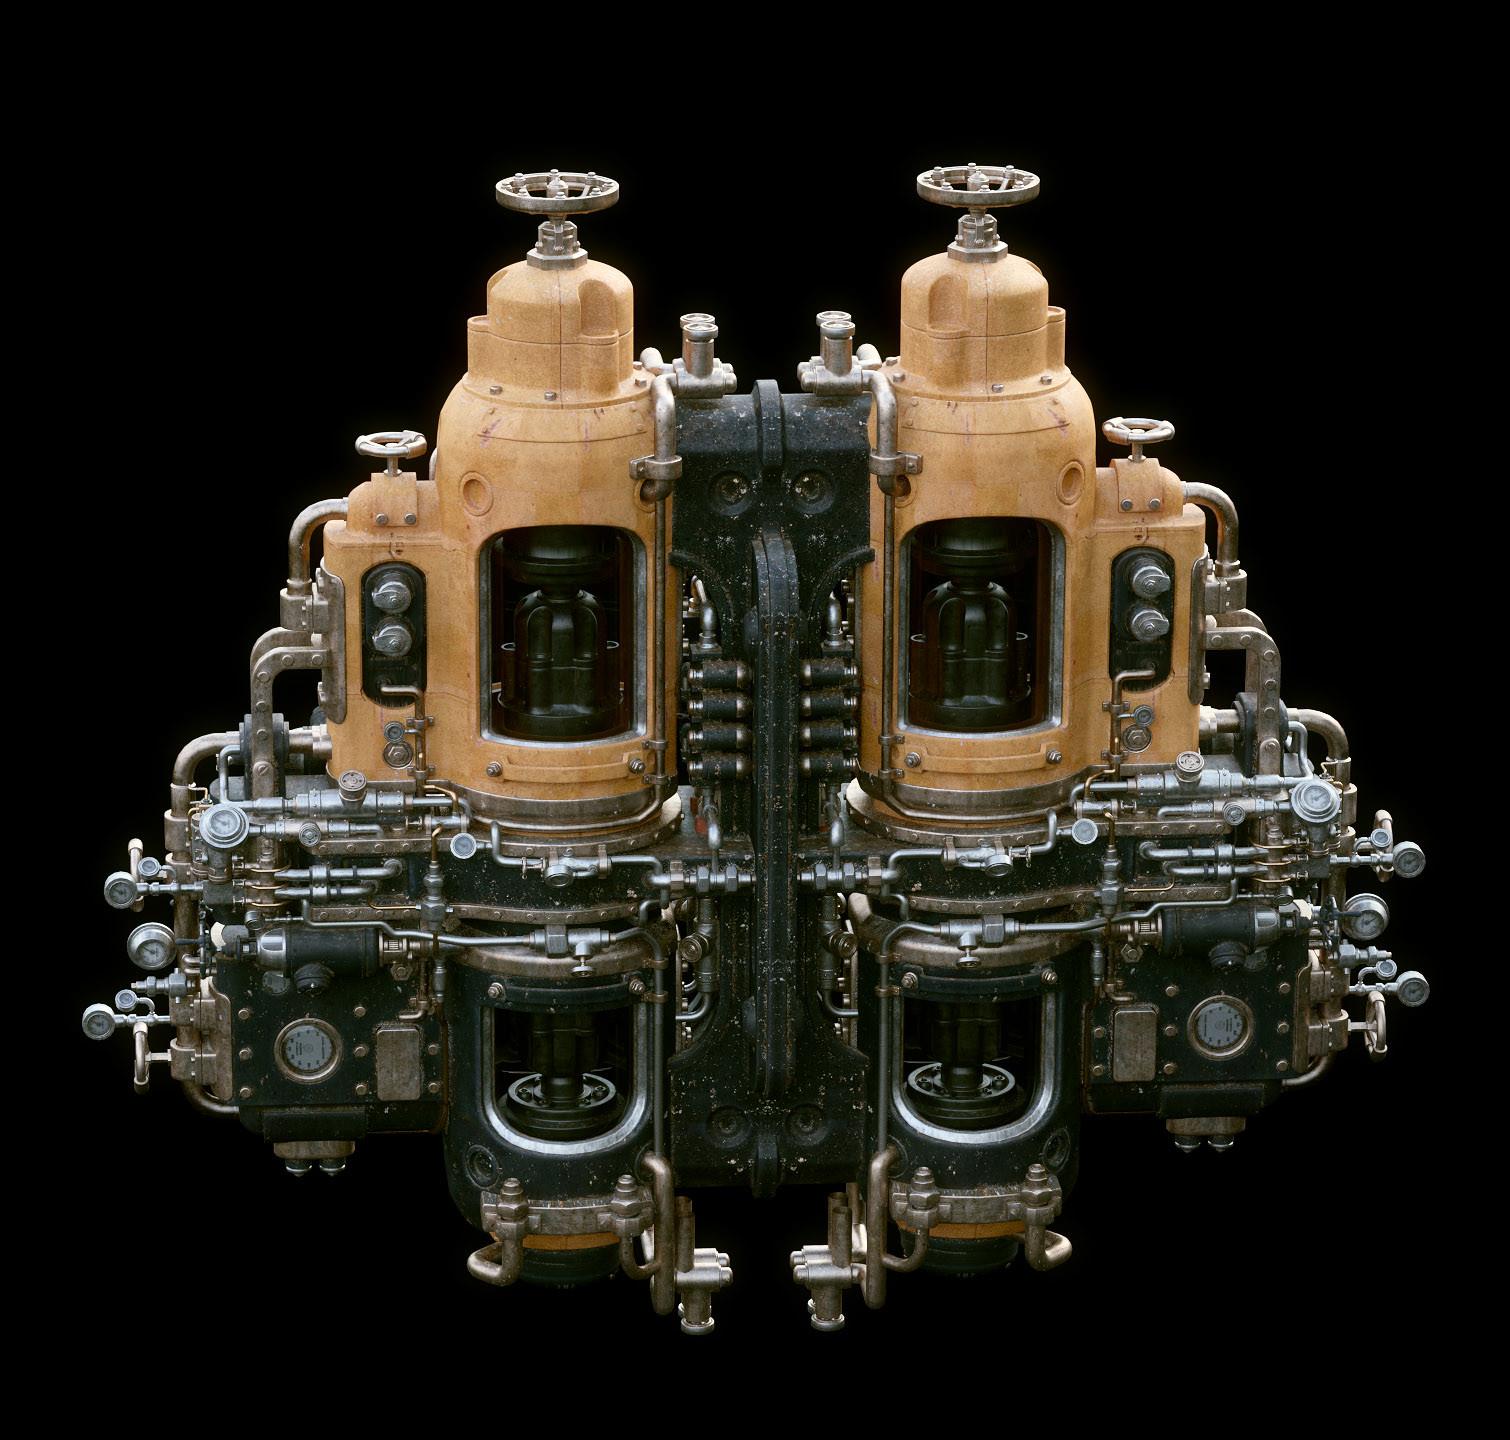 Toni bratincevic pressurizer v01 10